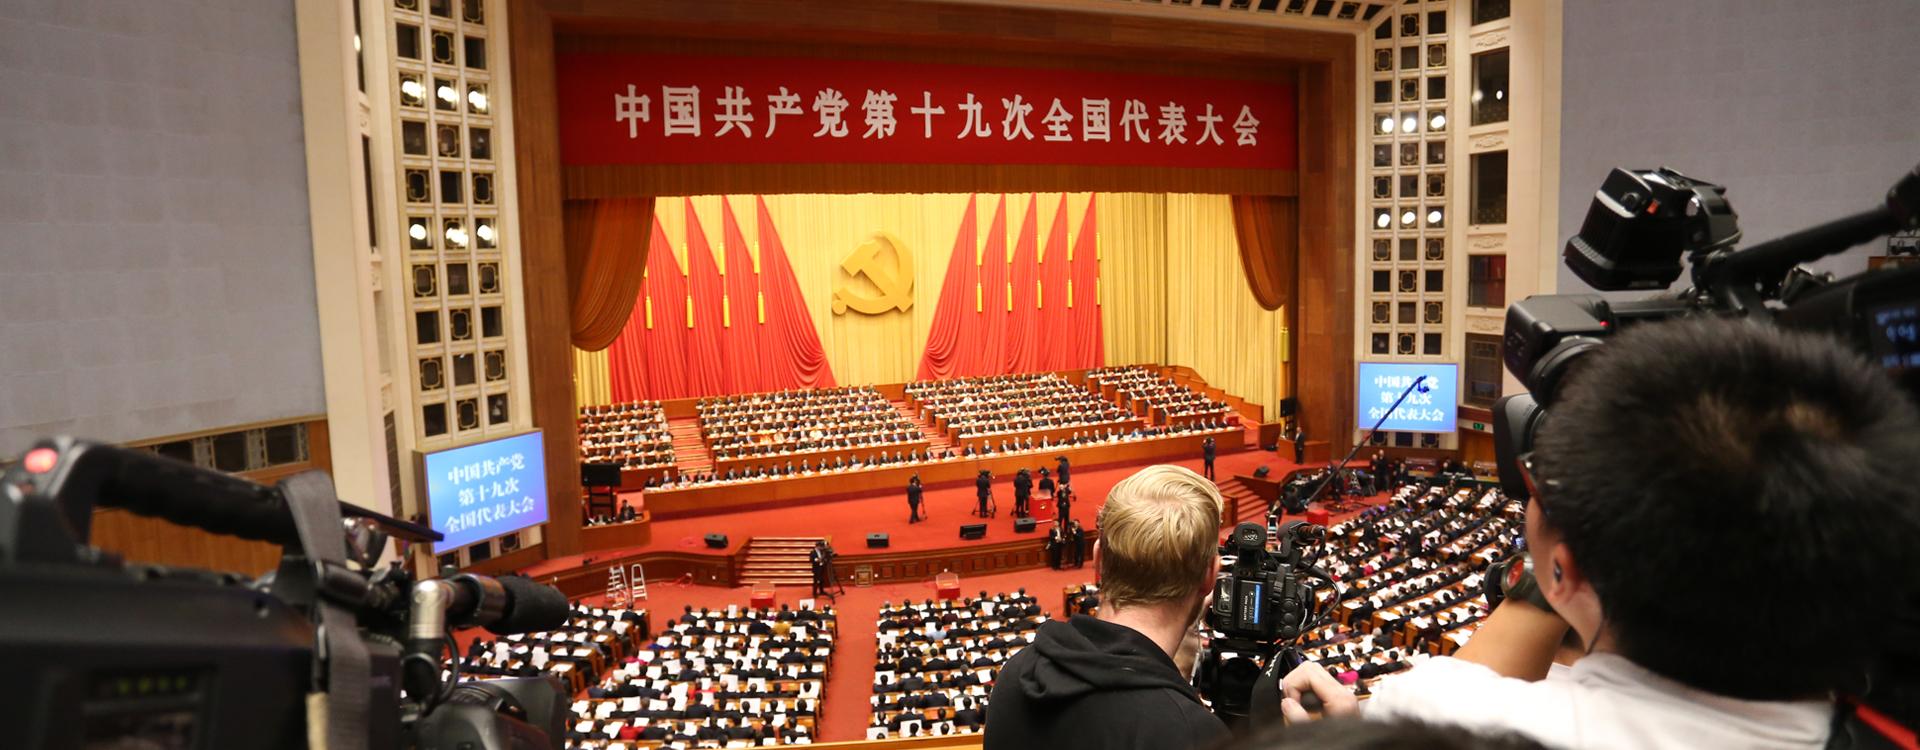 中共第十九届中央委员会和中央纪委已选举产生